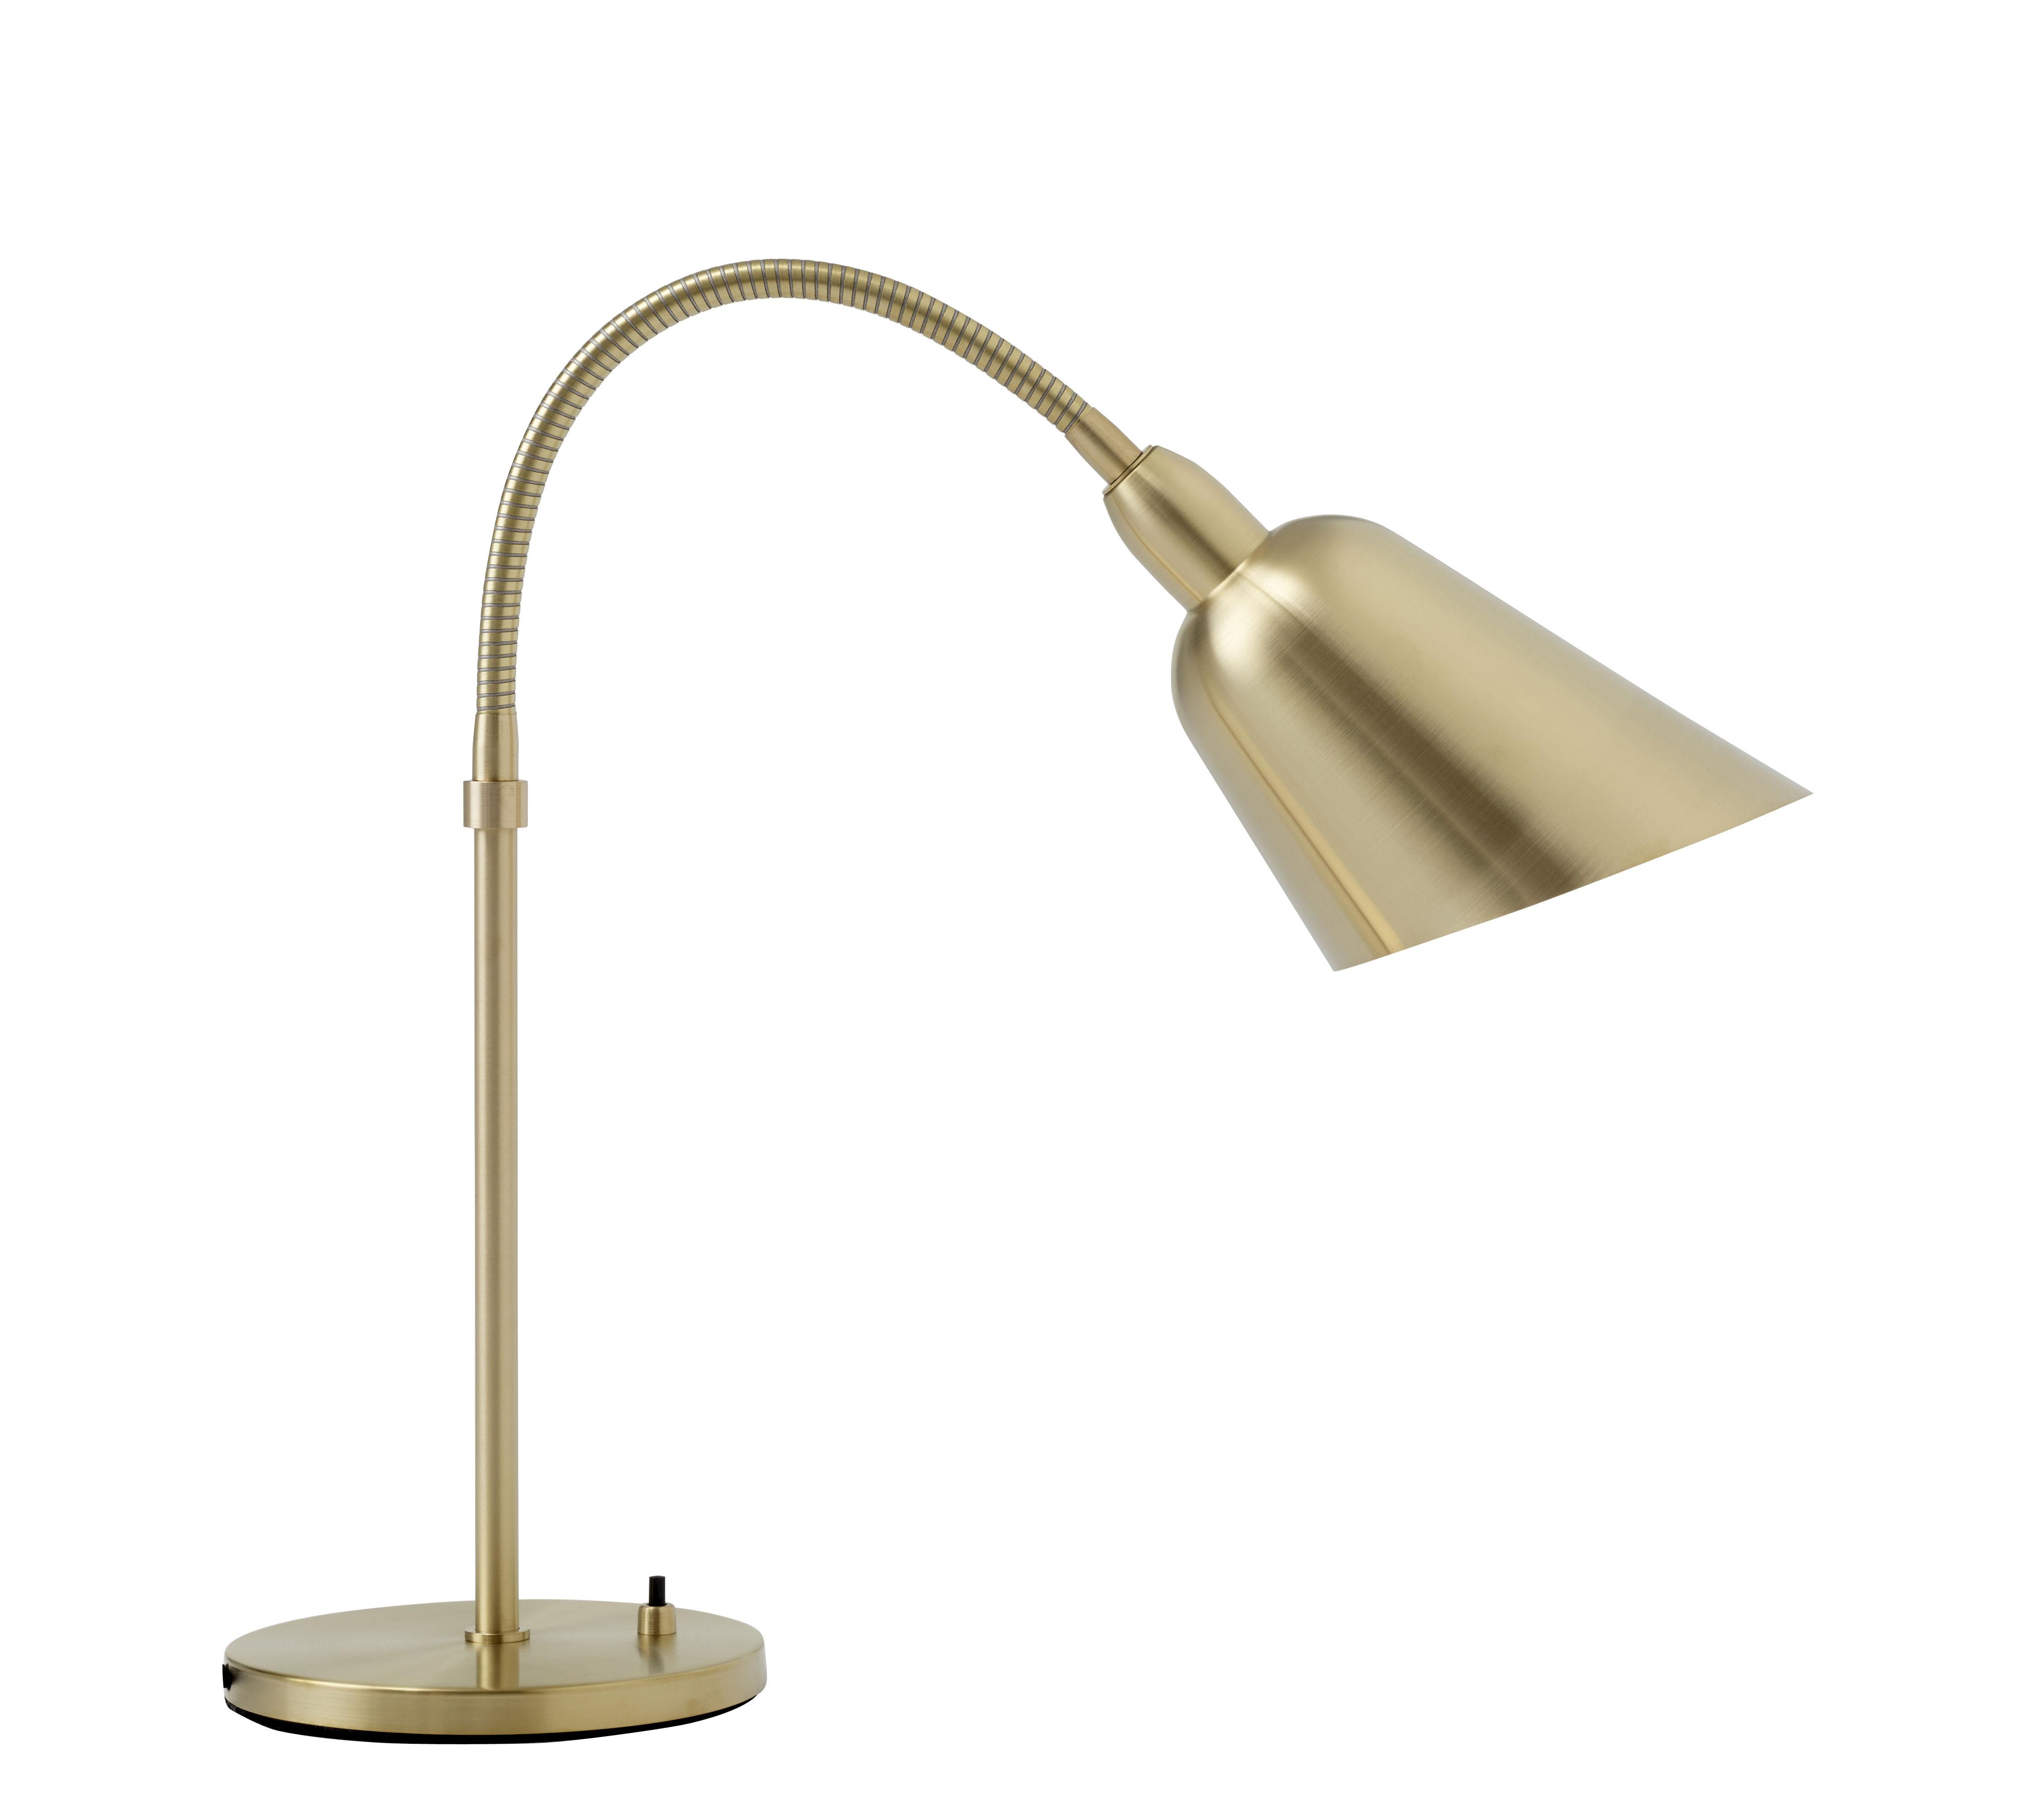 Illuminazione - Lampade da tavolo - Lampada da tavolo Bellevue - / by Arne Jacobsen - Riedizione 1929 di &tradition - Ottone - Ottone